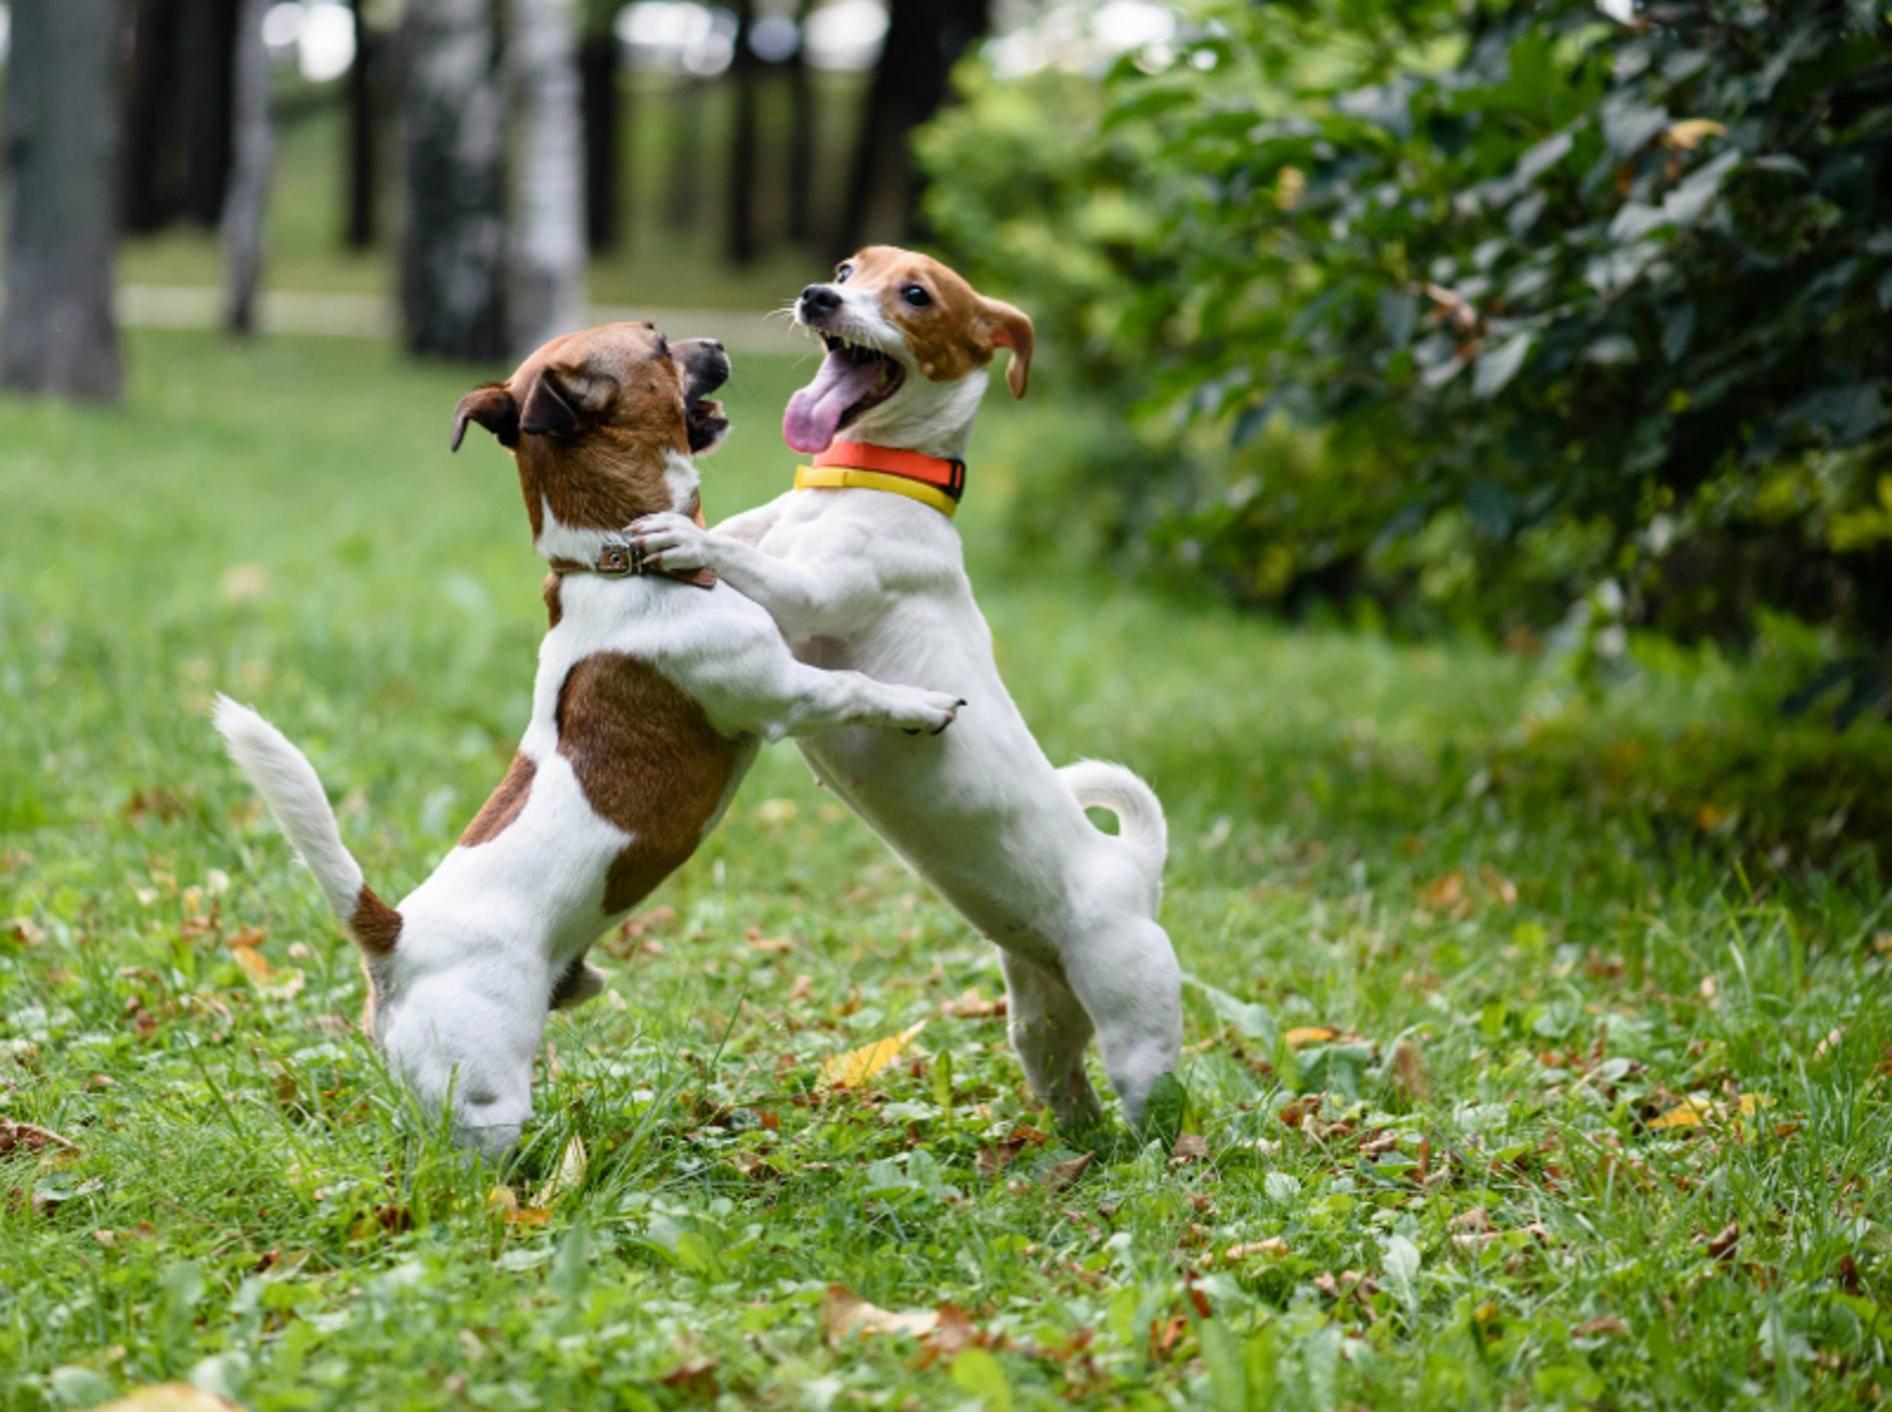 Das Spielen ist eine wichtige Kommunikationsform von Hunden, die die Vierbeiner super auslastet – Shutterstock / alexei_tm